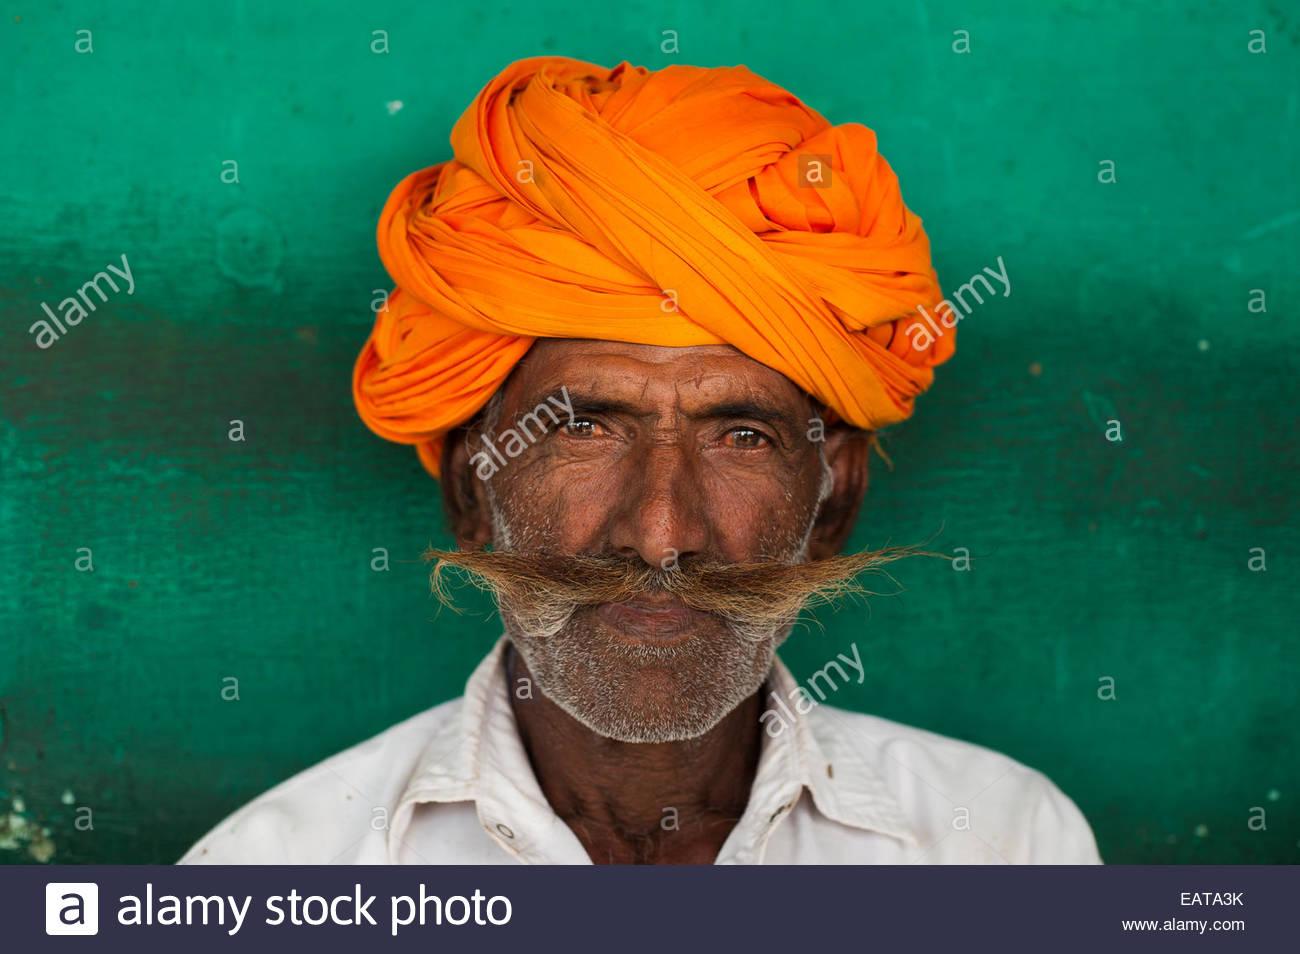 Un uomo di Rajasthani con un tipicamente grandi baffi e turbante colorato. Immagini Stock